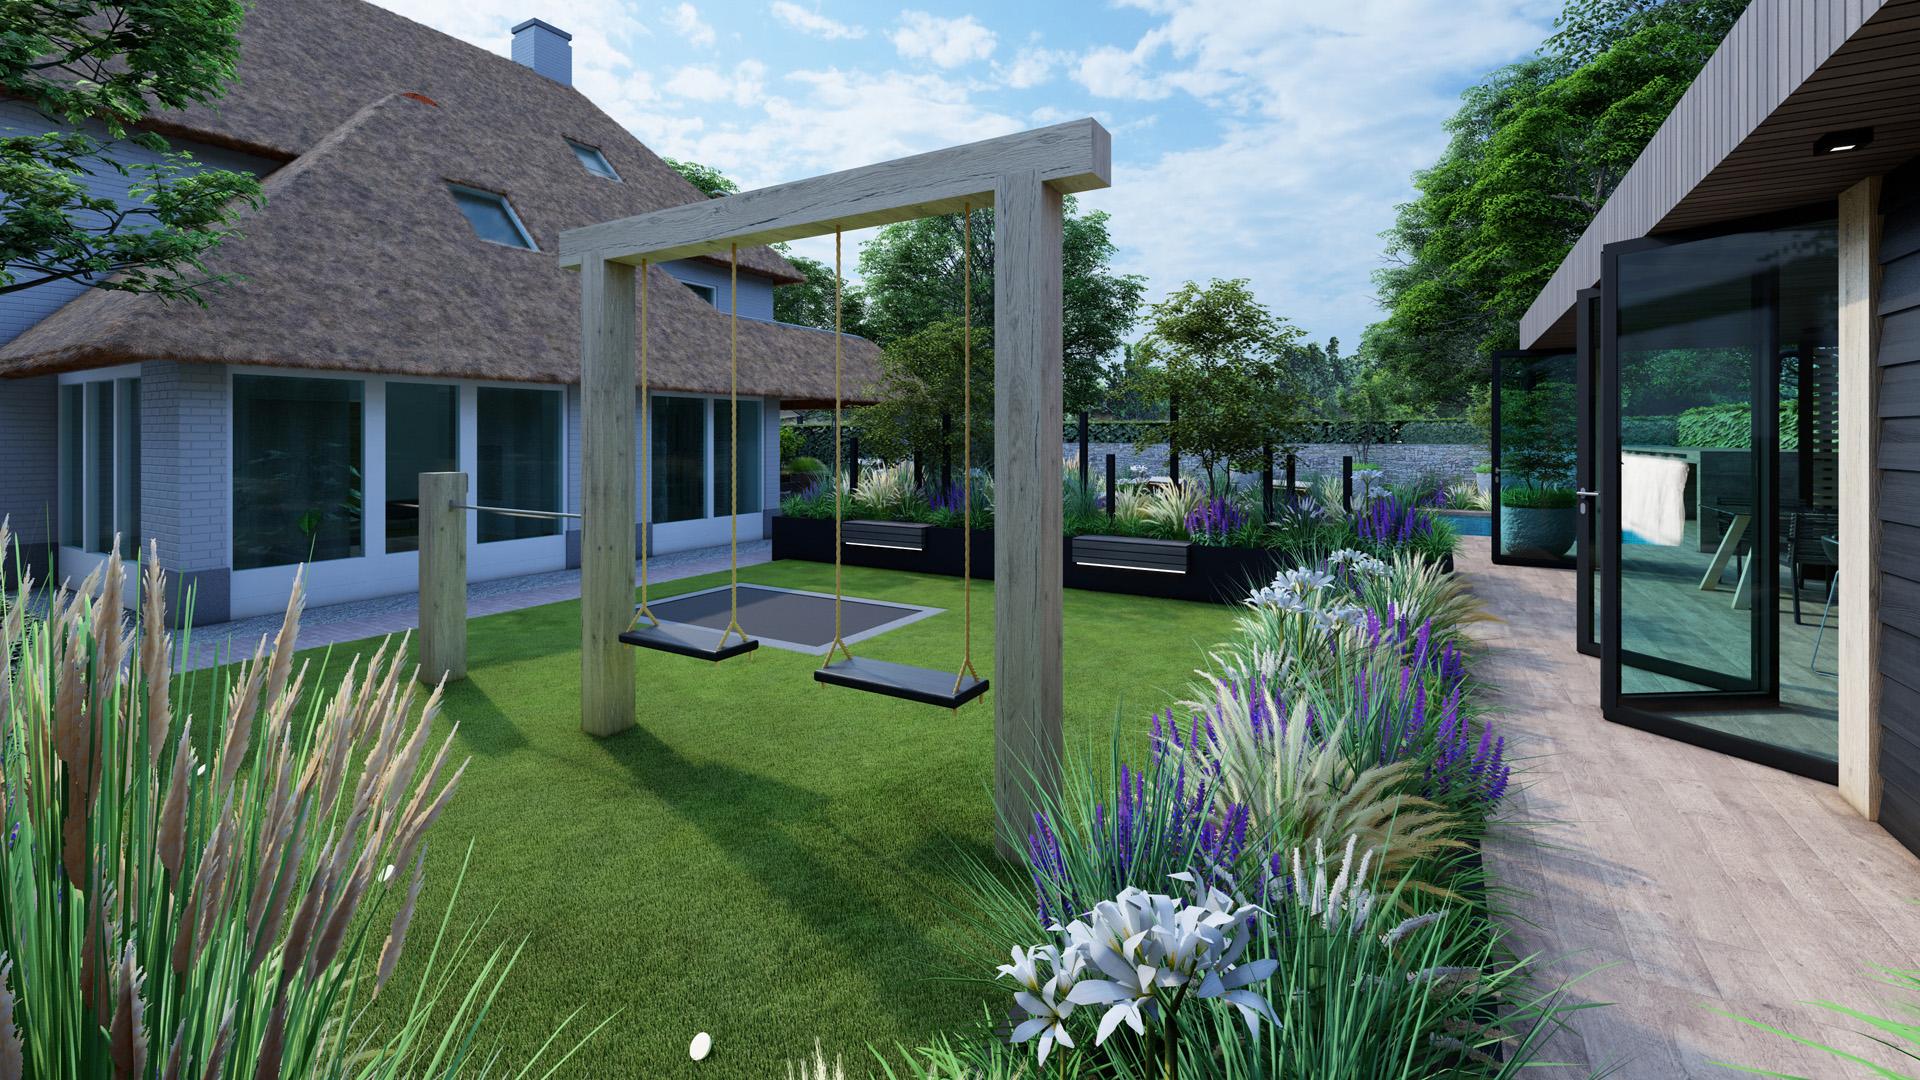 Bureau Hamers - Tuinontwerp en landschapsontwerpontwerp - Exclusieve wellnesstuin in Waalwijk - Overdag